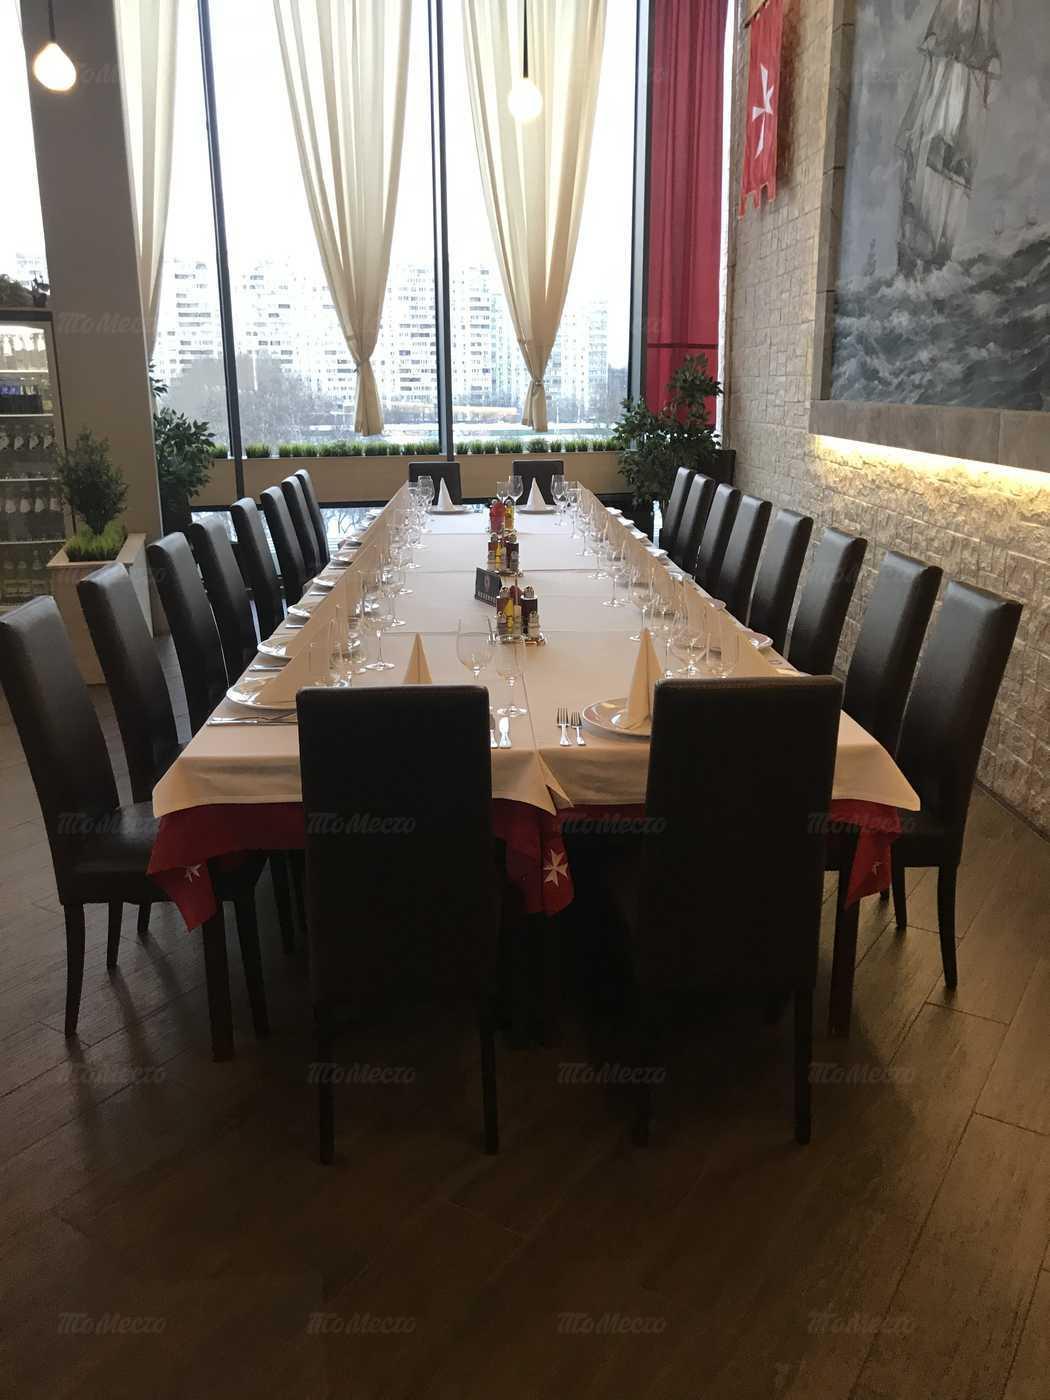 Ресторан Порто Мальтезе (Porto Maltese) на Кутузовском проспекте фото 3